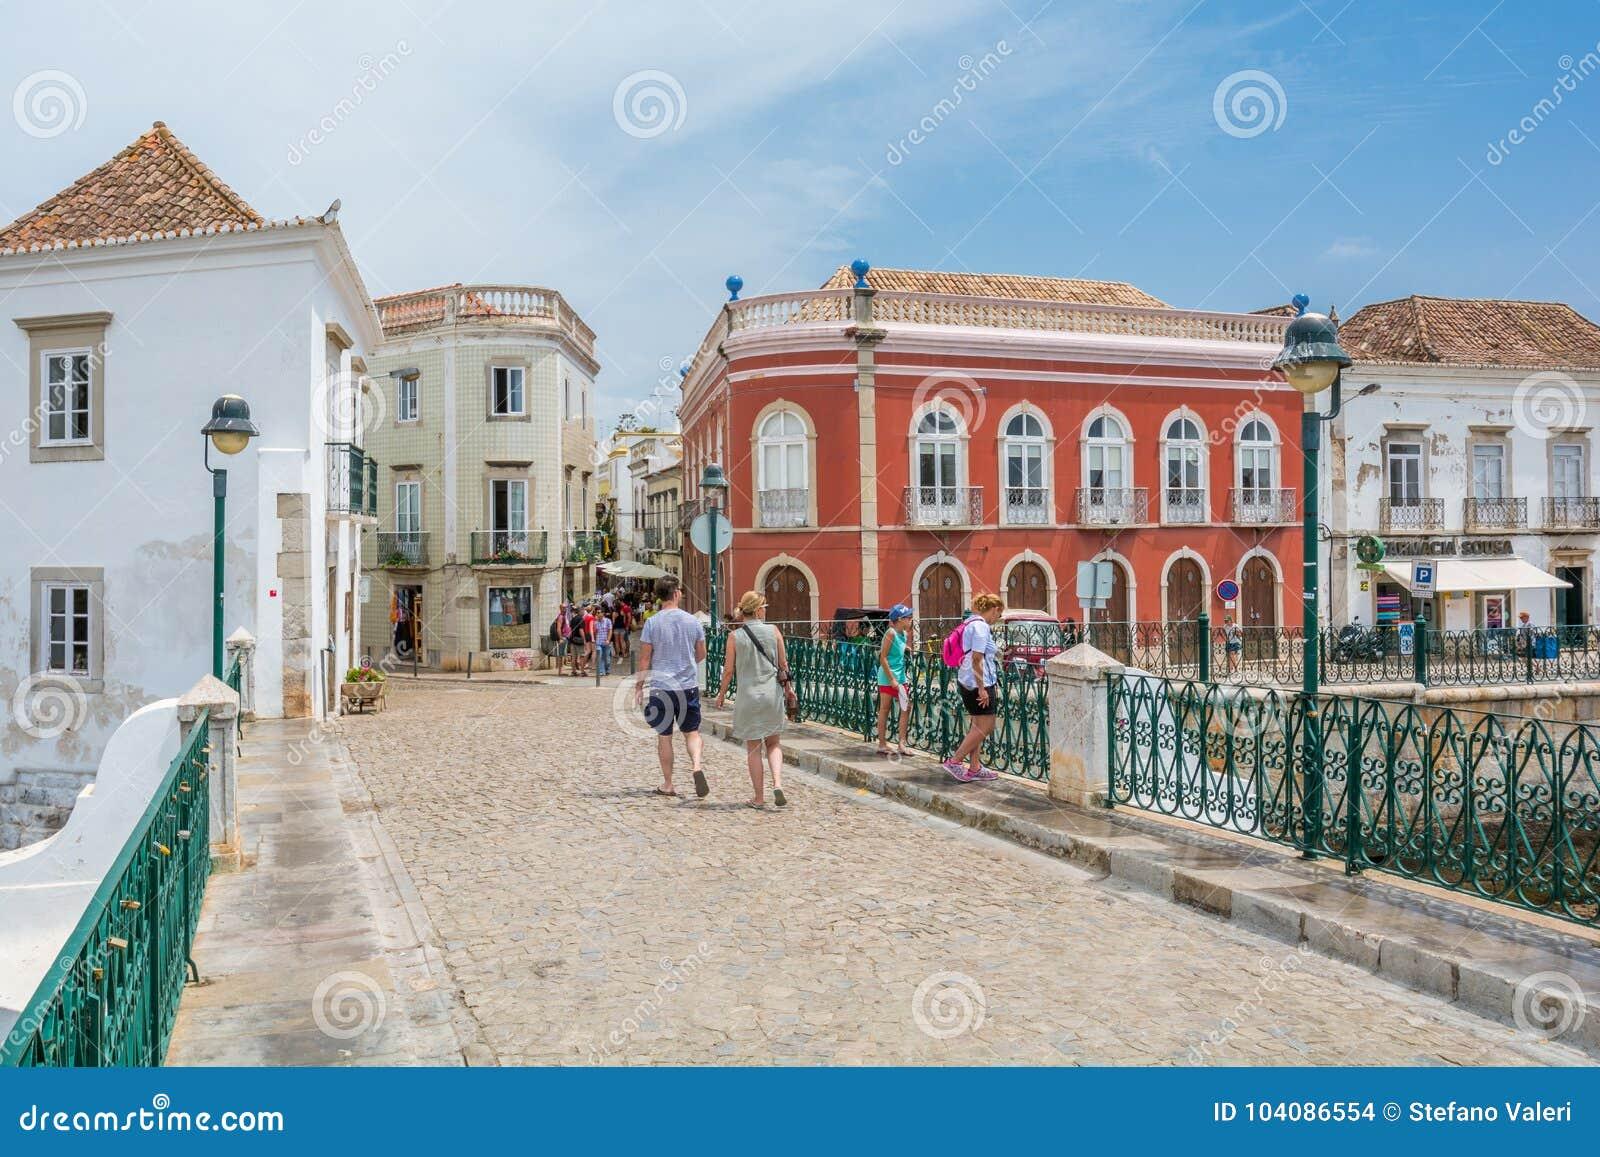 Centro città di Tavira, distretto di Faro, Algarve